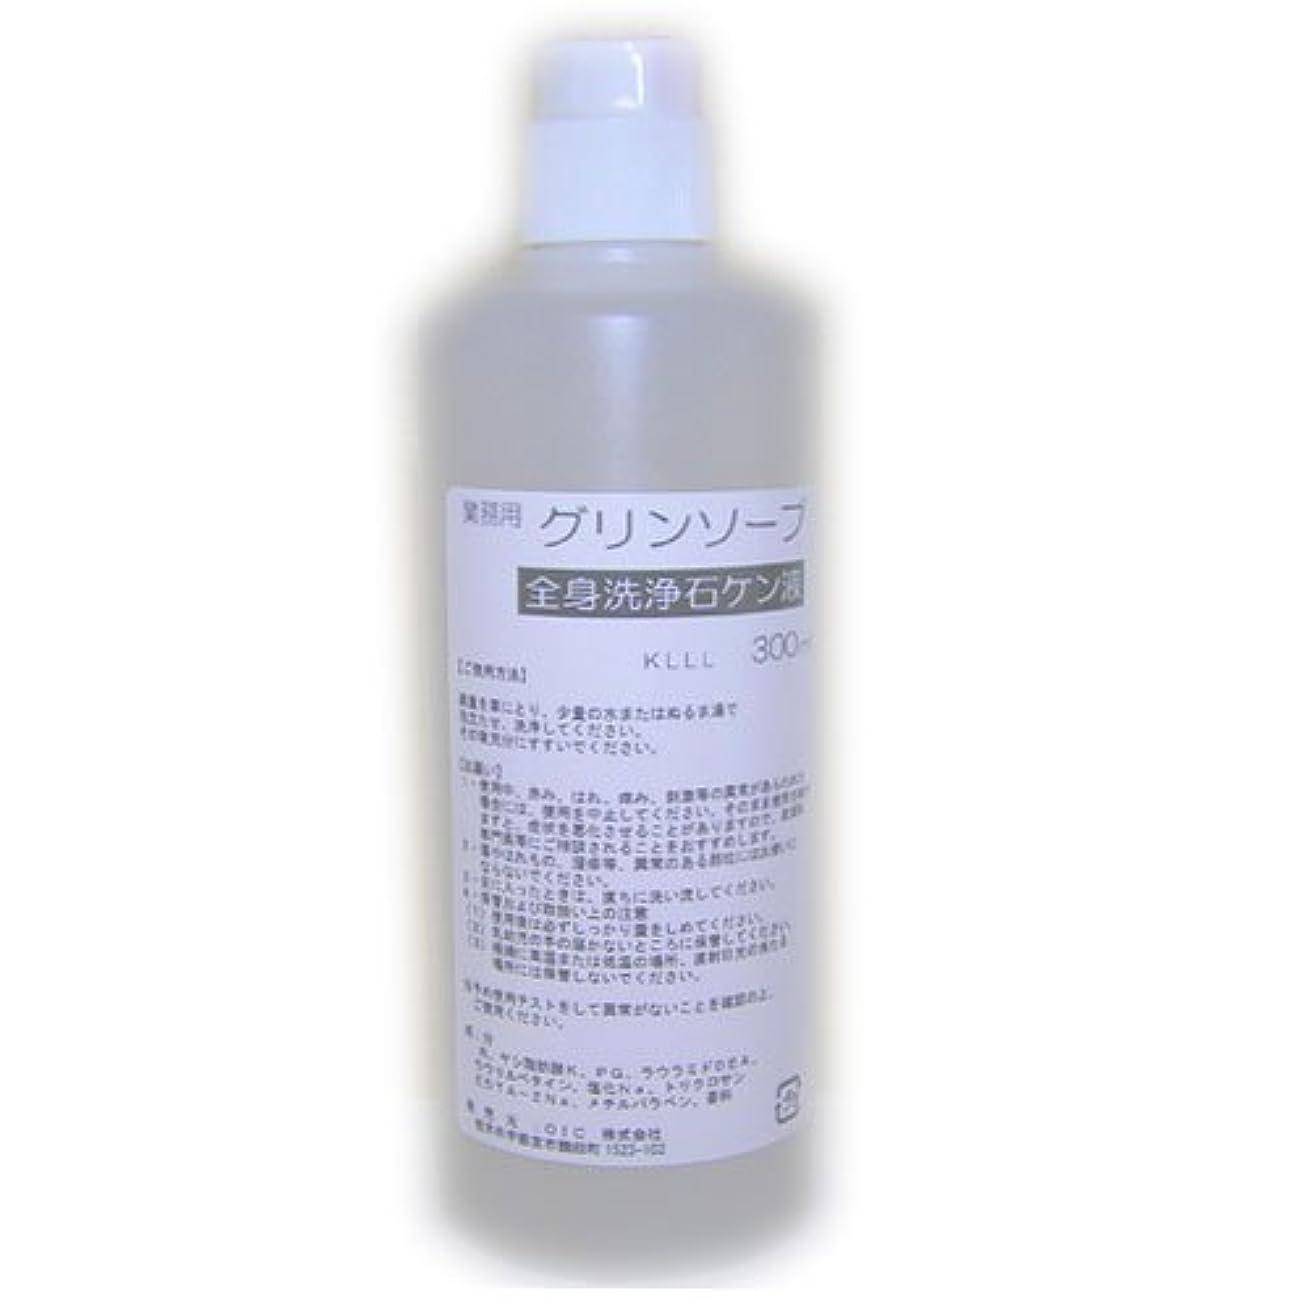 ホスト第五繰り返す業務用ボディソープ 殺菌成分配合?消毒石鹸液 グリンソープ (300ml)